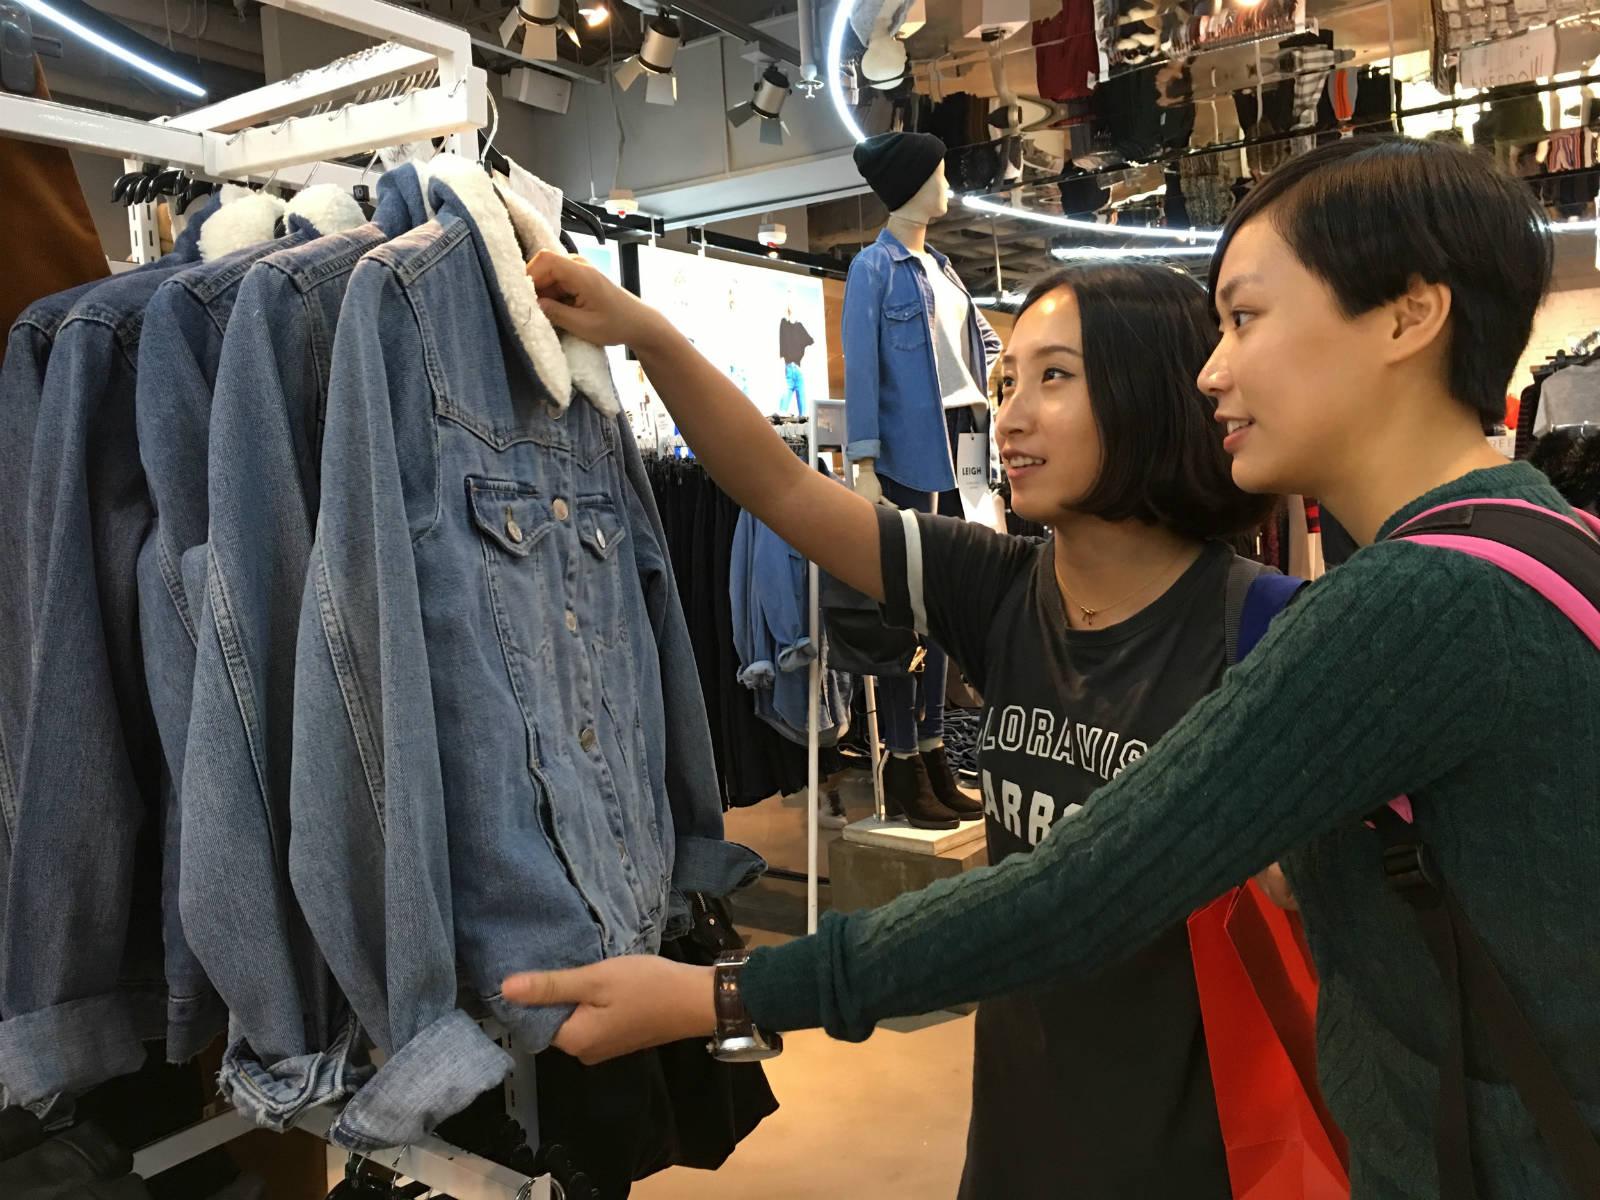 港人沉迷購物,四成人「購物忍手期」少於一星期,普遍平均每月花費近 800 元置裝。